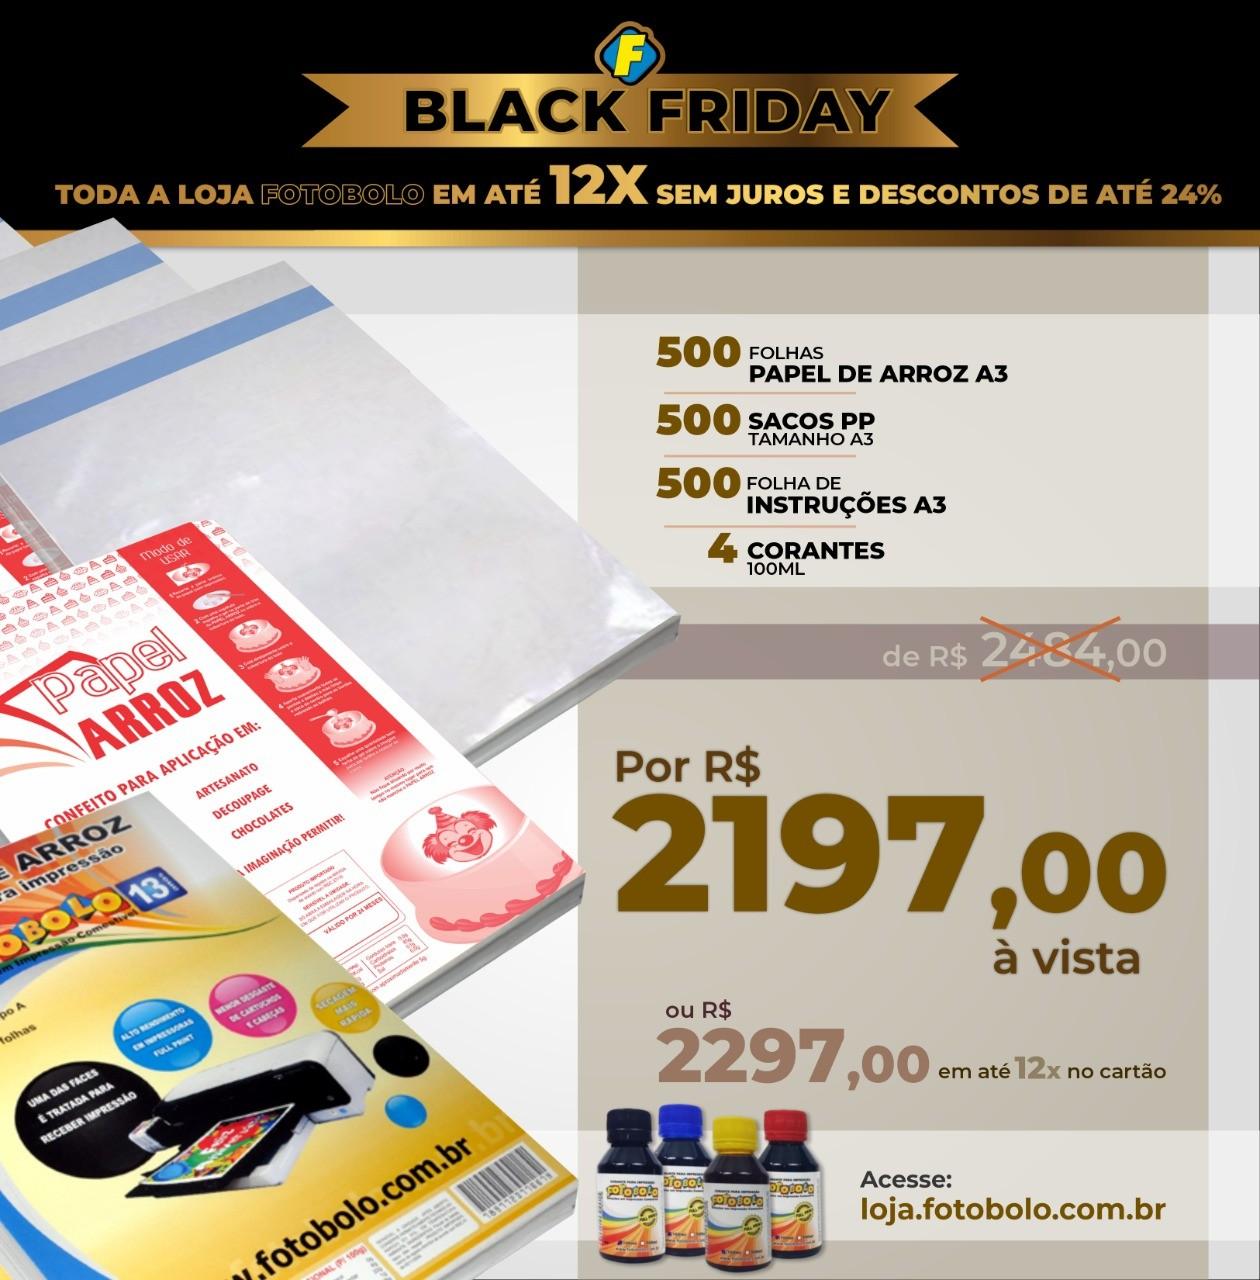 COMBO BLACK FRIDAY - 500 Papéis Arroz TIPO A A3 + 500 Sacos PP A3 + 500 Folhas de Instrução A3 + 1 kit corante 100ml (4 frascos + 4 bicos)